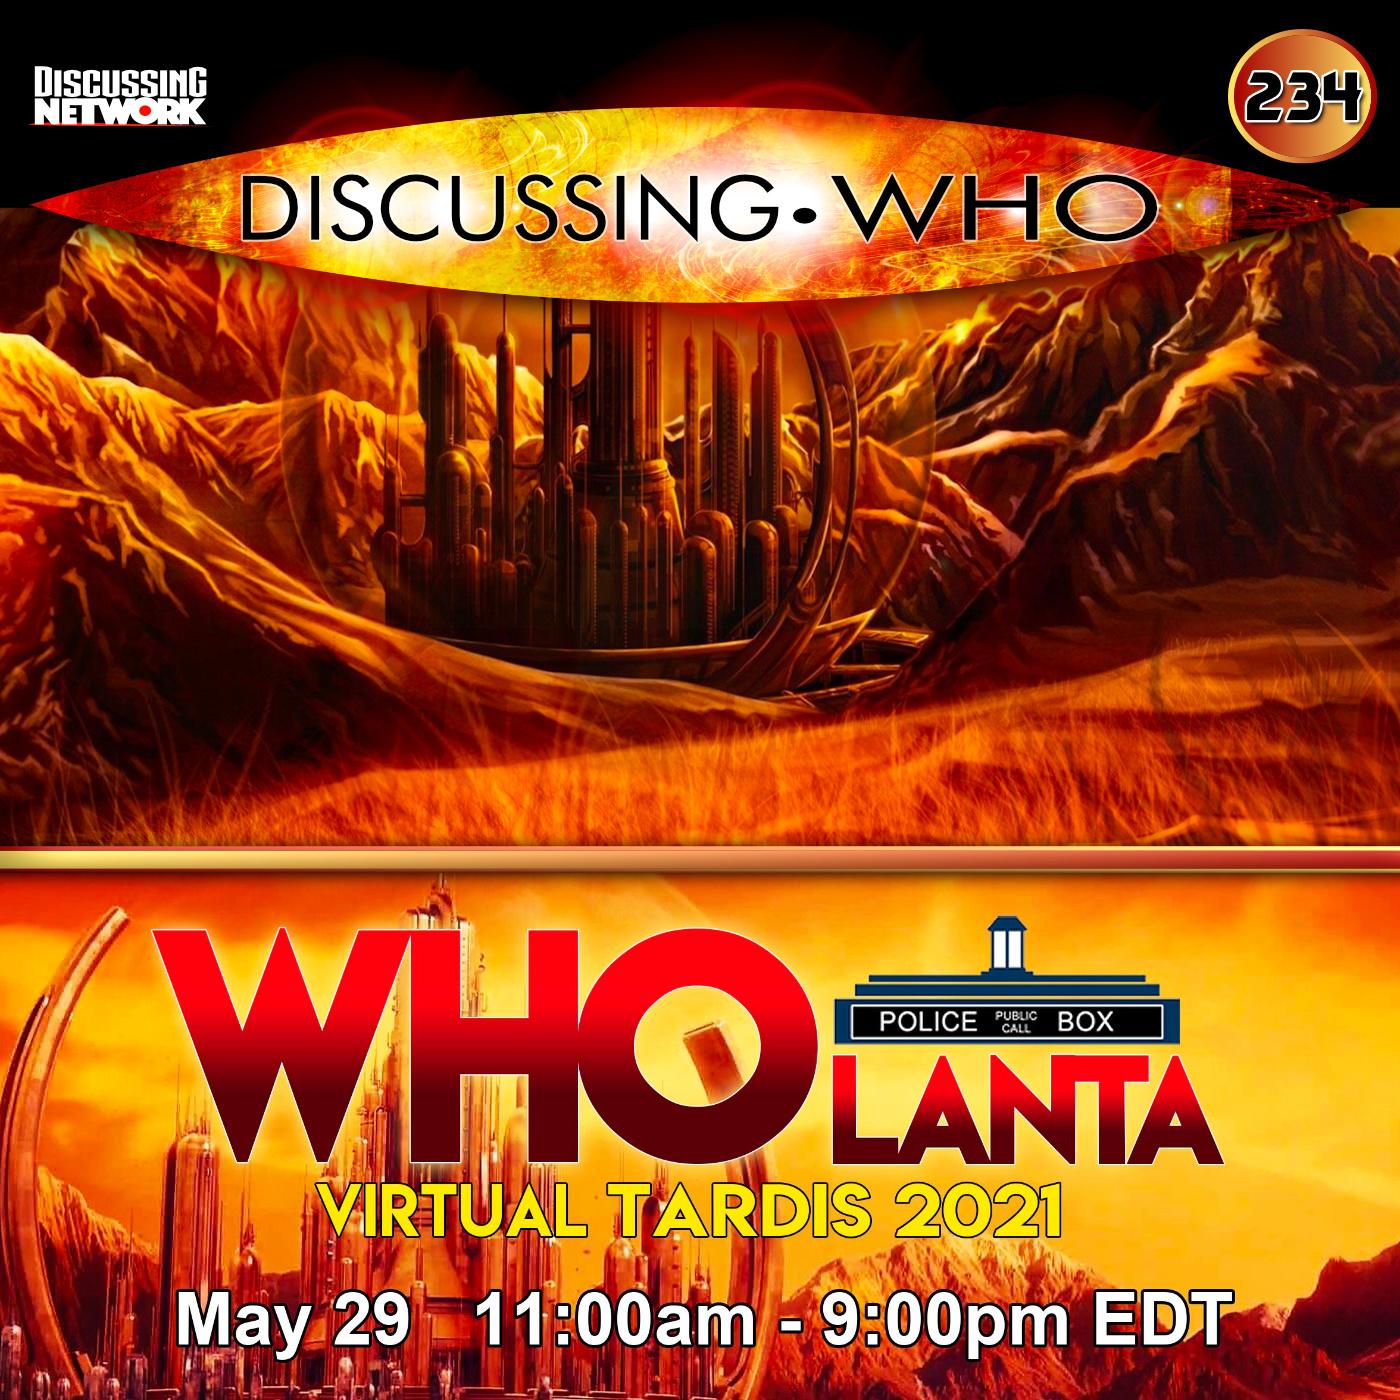 WHOLanta Virtual TARDIS 2021